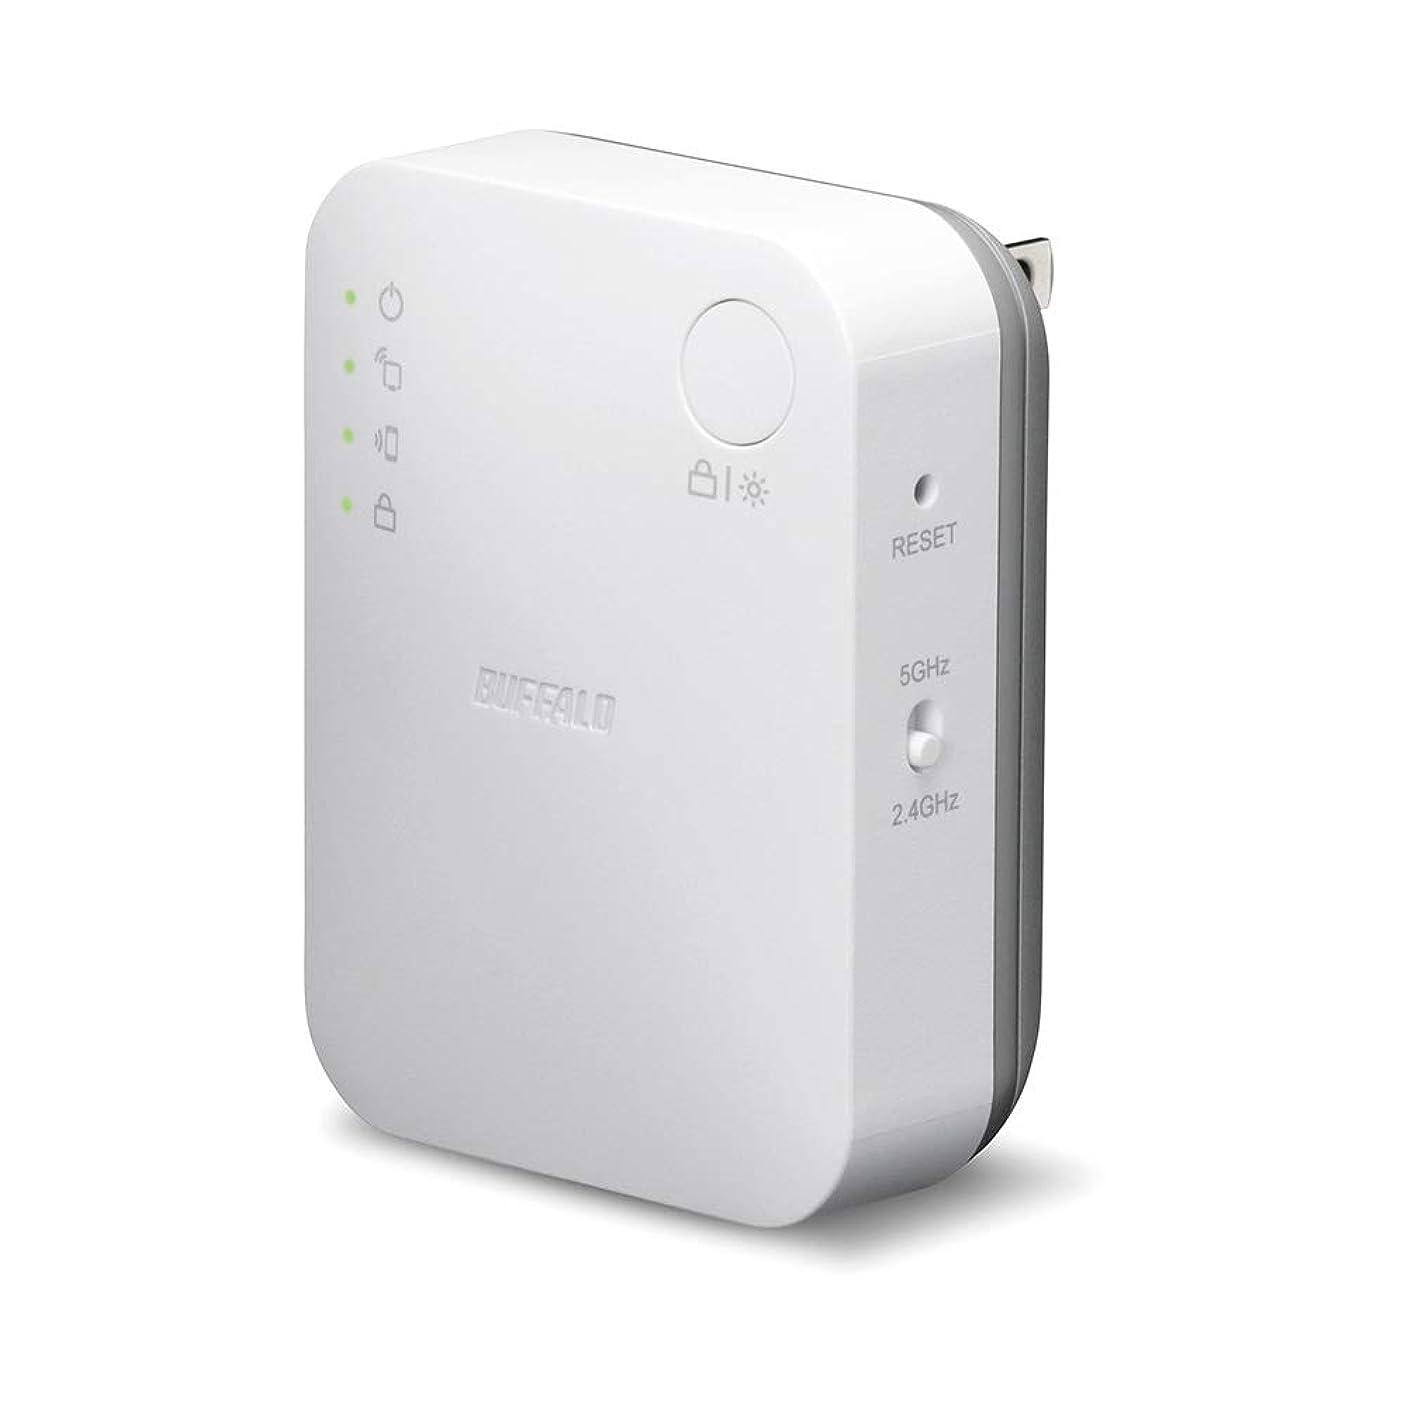 米国ペンひばりBUFFALO WiFi 無線LAN 中継機 WEX-733DHP/N 11ac 433+300Mbps コンセント直挿しモデル 簡易パッケージ【iPhoneX/iPhoneXSシリーズ メーカー動作確認済み】